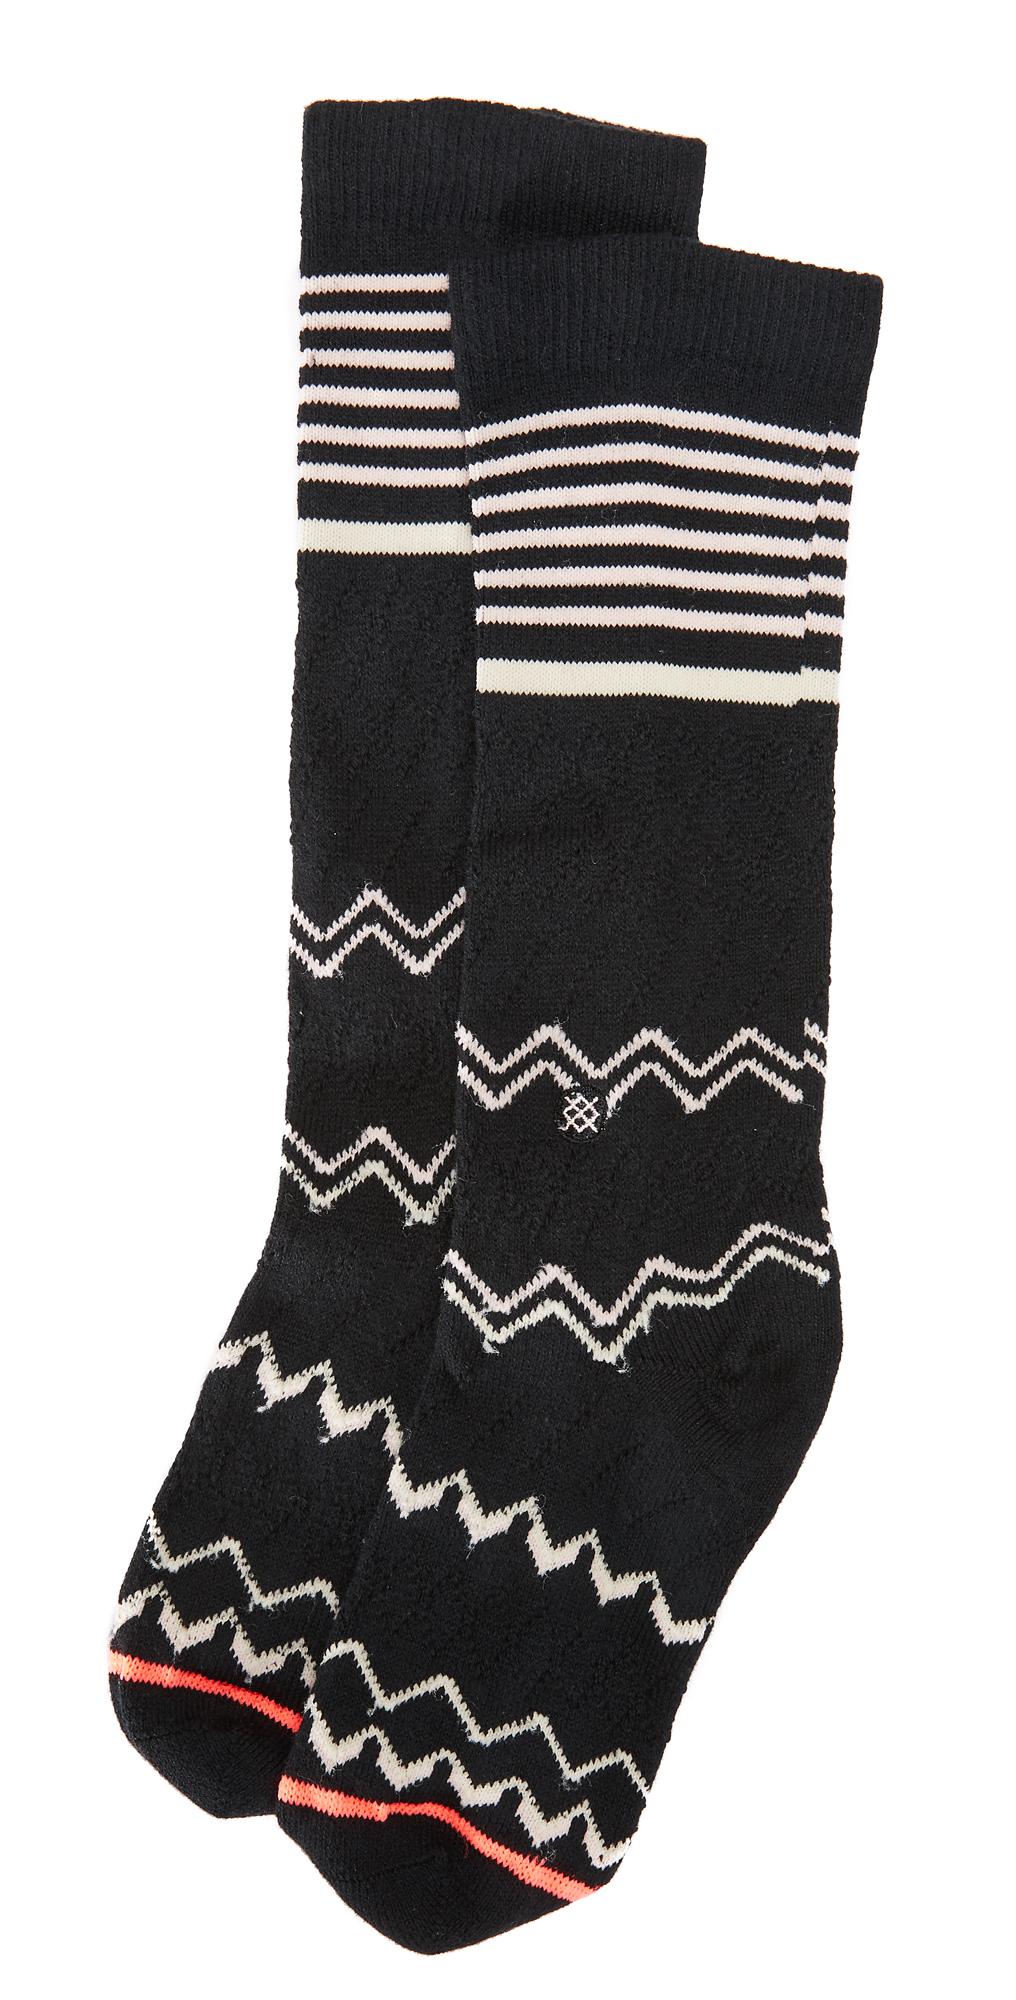 Mercer Socks STANCE